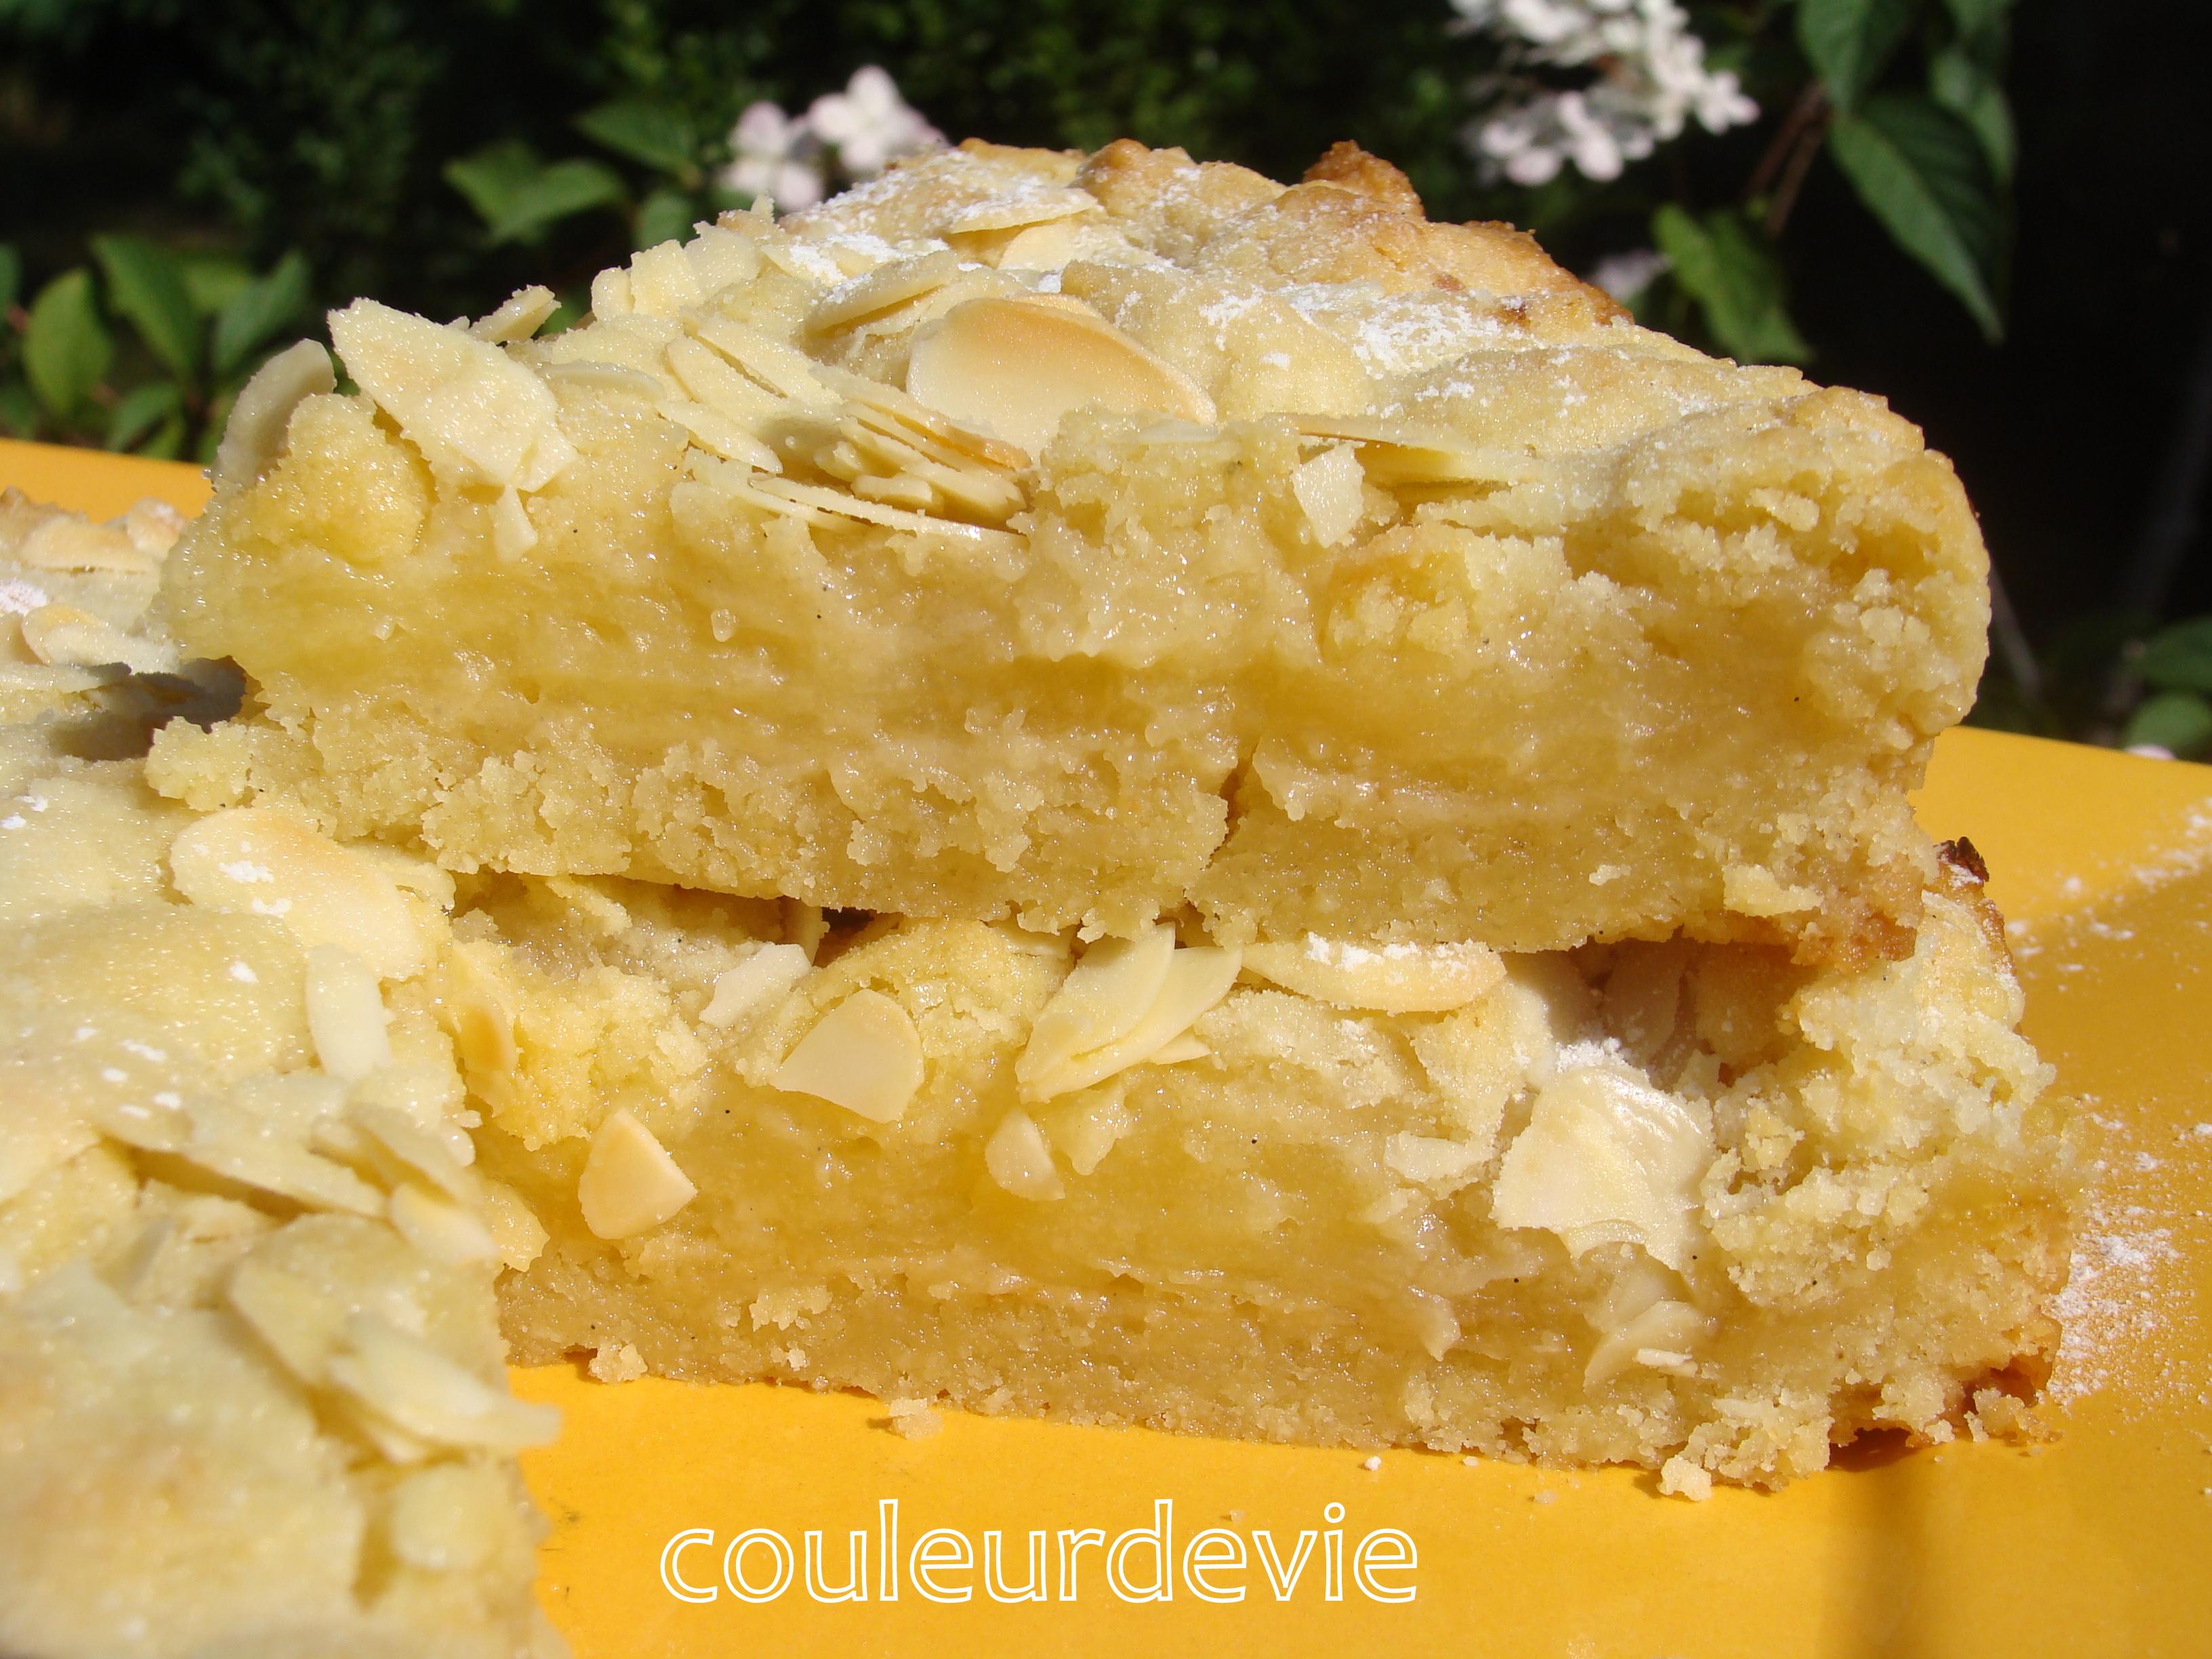 Un gâteau qui n\u0027est pas sans rappeler la tarte au citron\u2026j\u0027ai adoré son  crumble sur le dessus avec les amandes effilées. Un gâteau qui réjouira les  amateurs